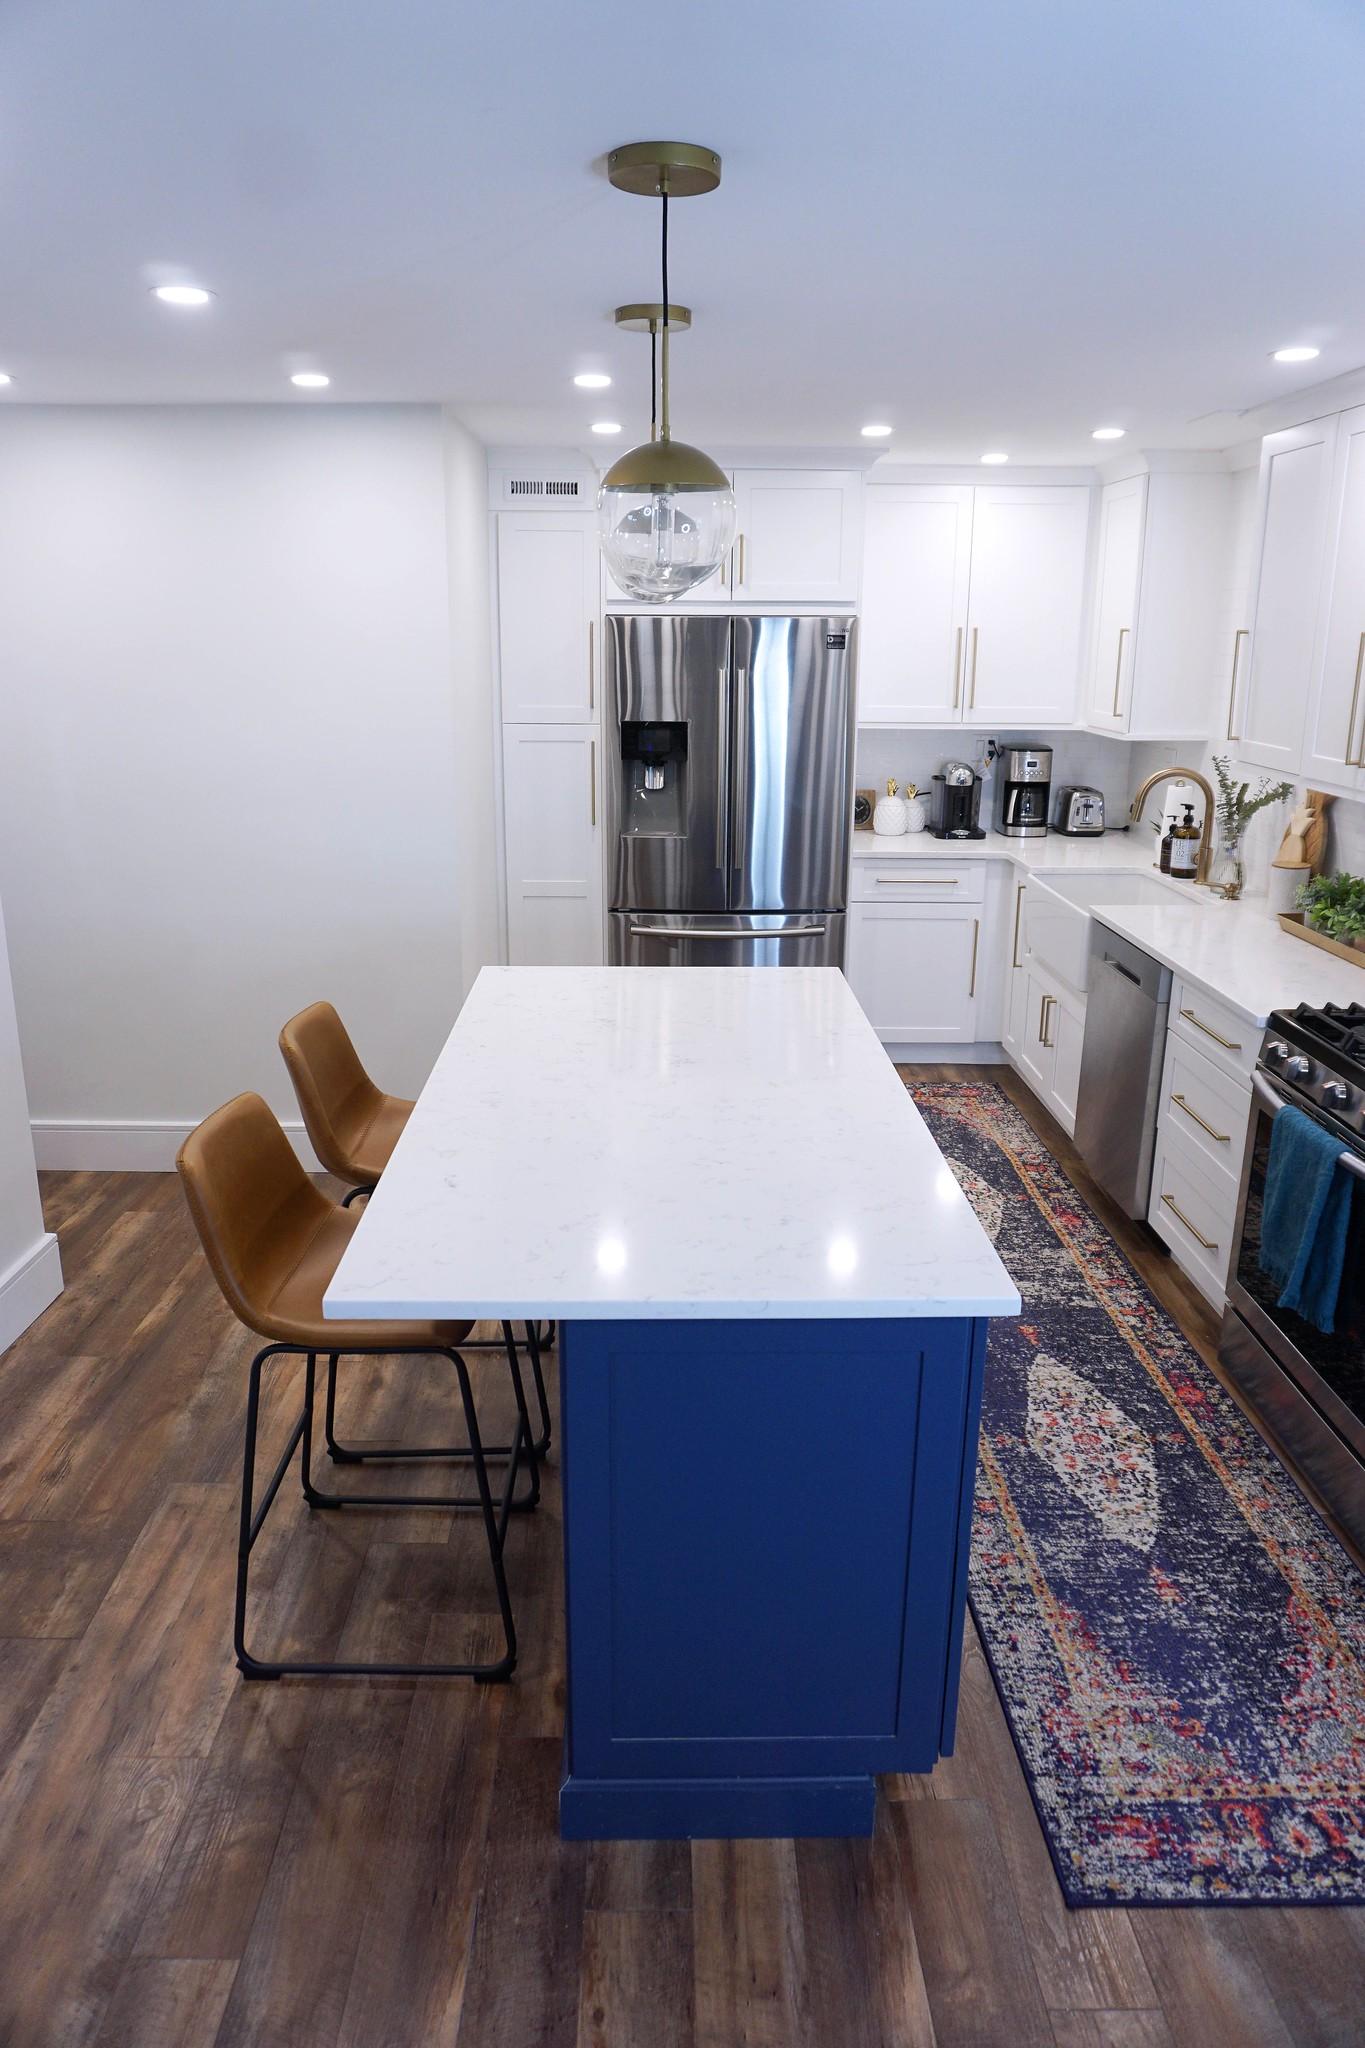 White Modern Kitchen | Shaker Cabinets | Gold Hardware | Blue Kitchen Island | Modern Kitchen Inspiration | Apartment Kitchen